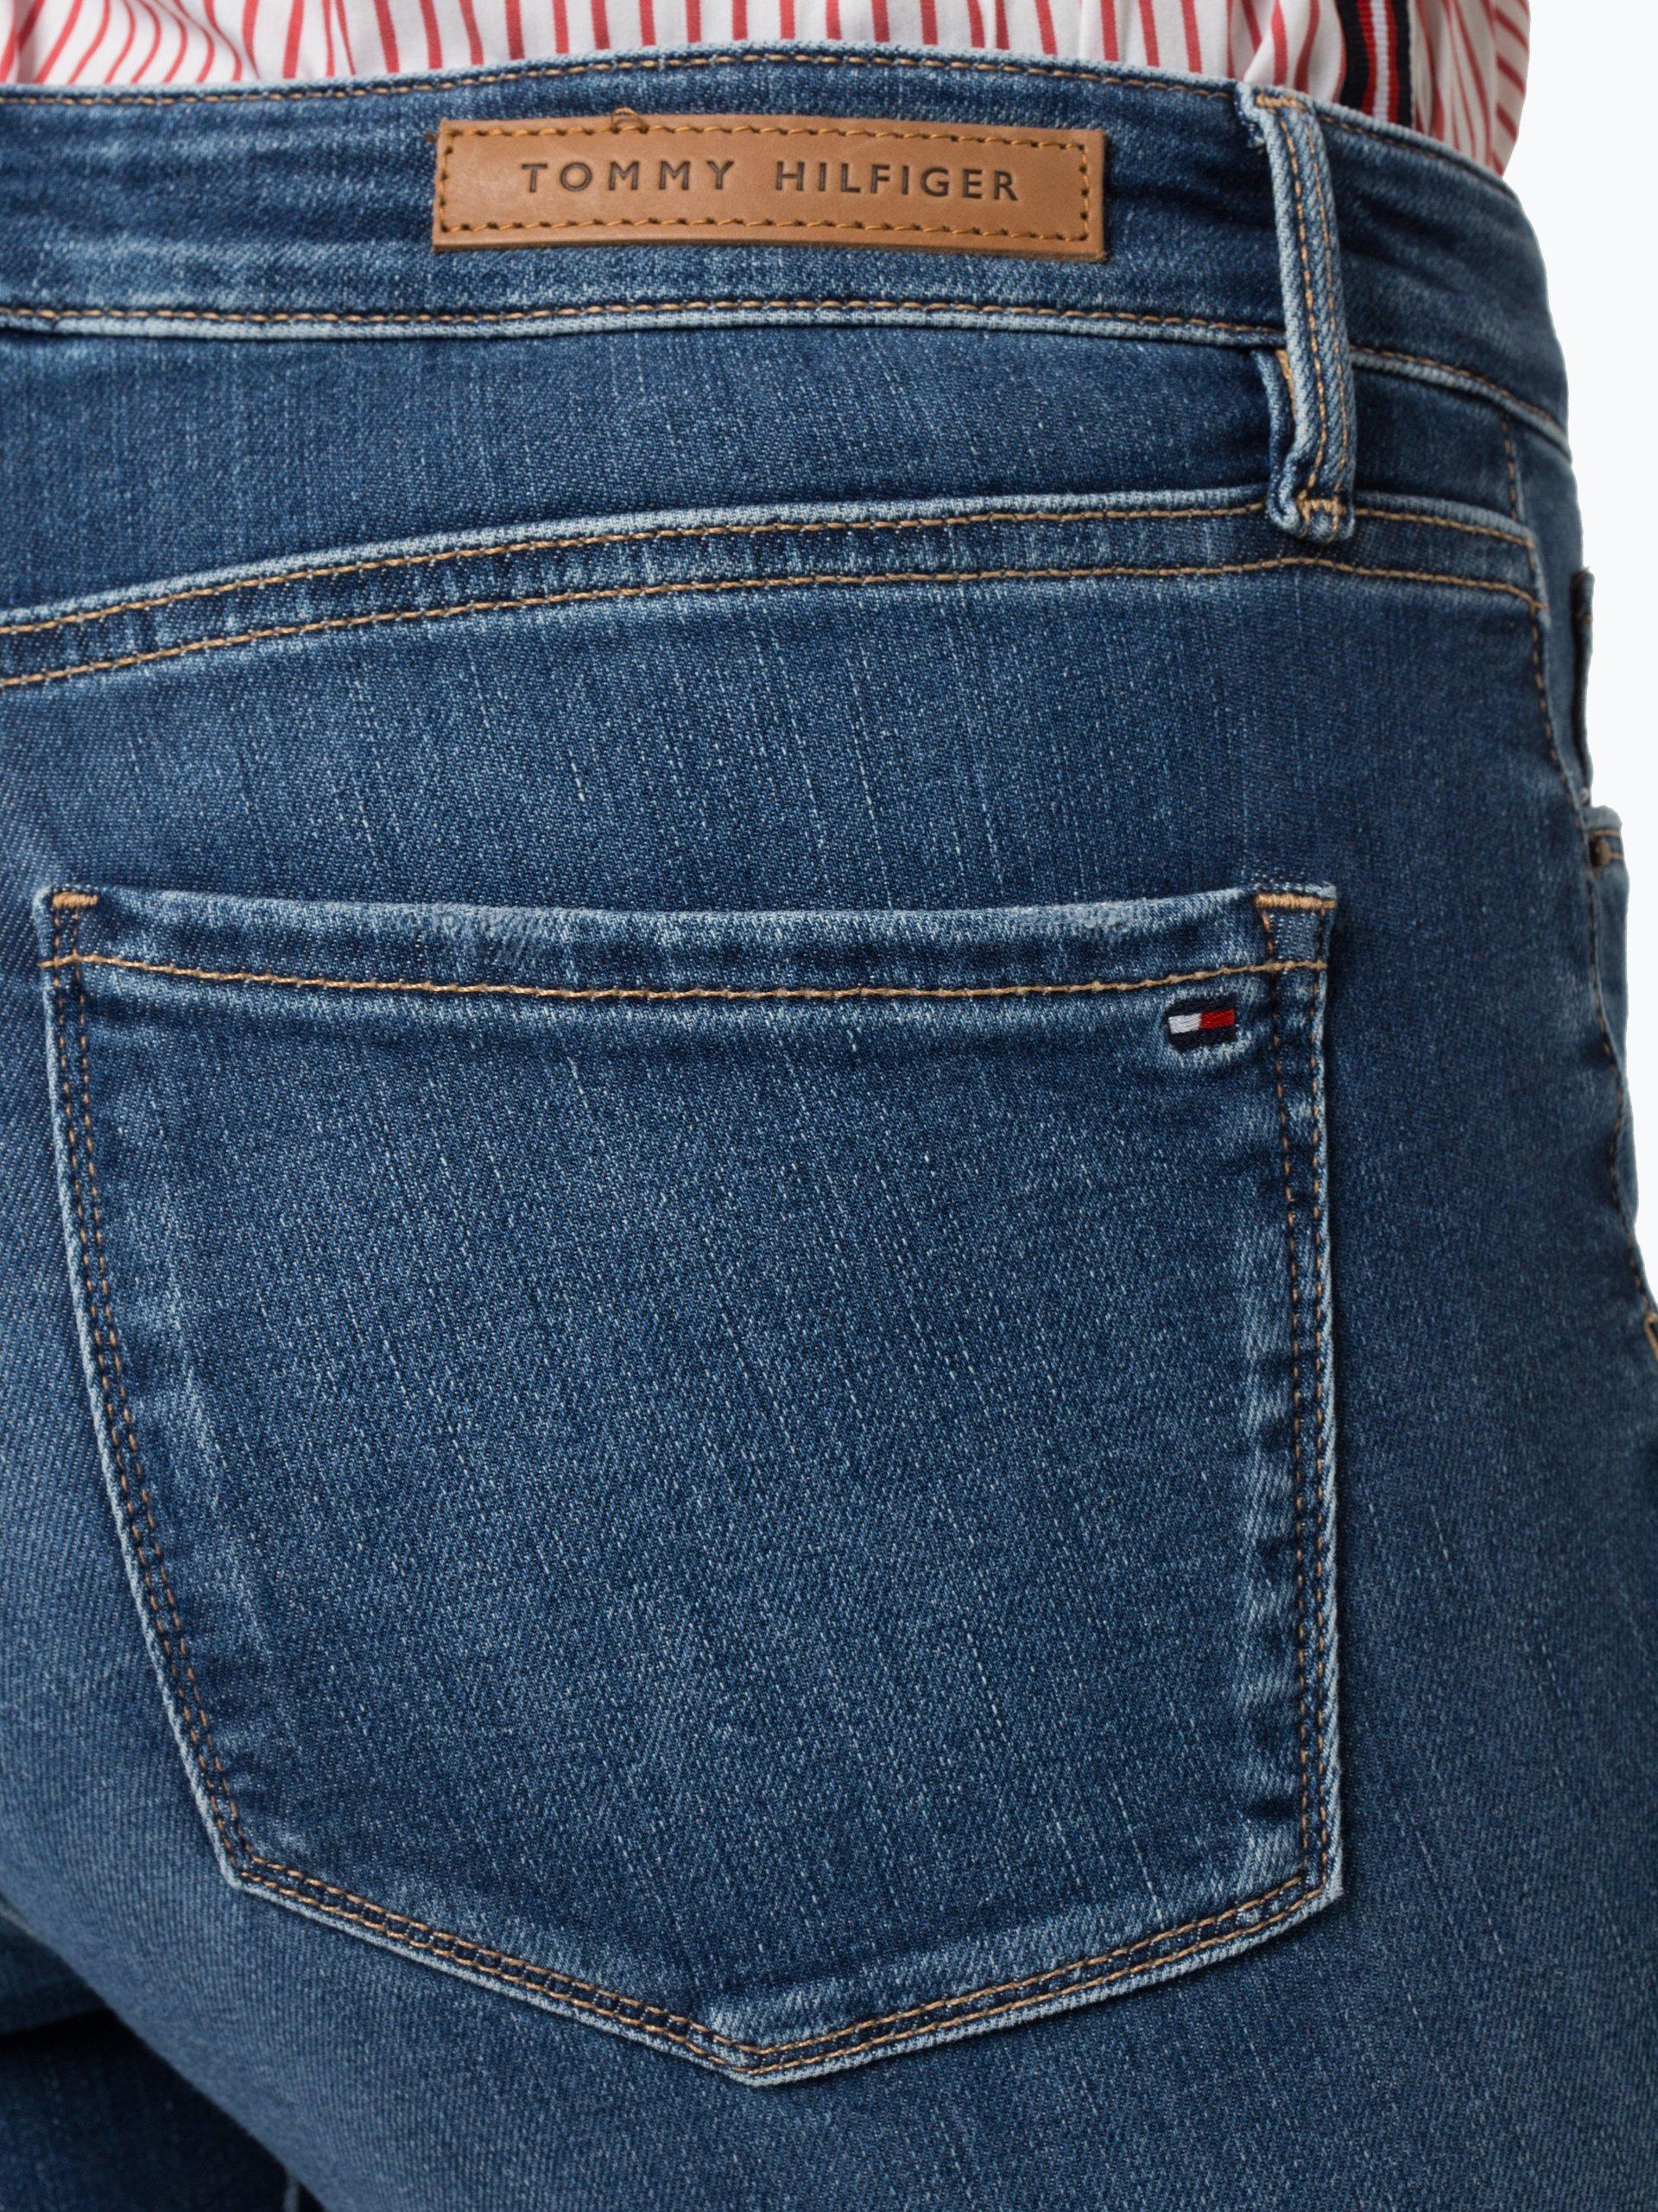 tommy hilfiger damen jeans isabel denim uni online. Black Bedroom Furniture Sets. Home Design Ideas